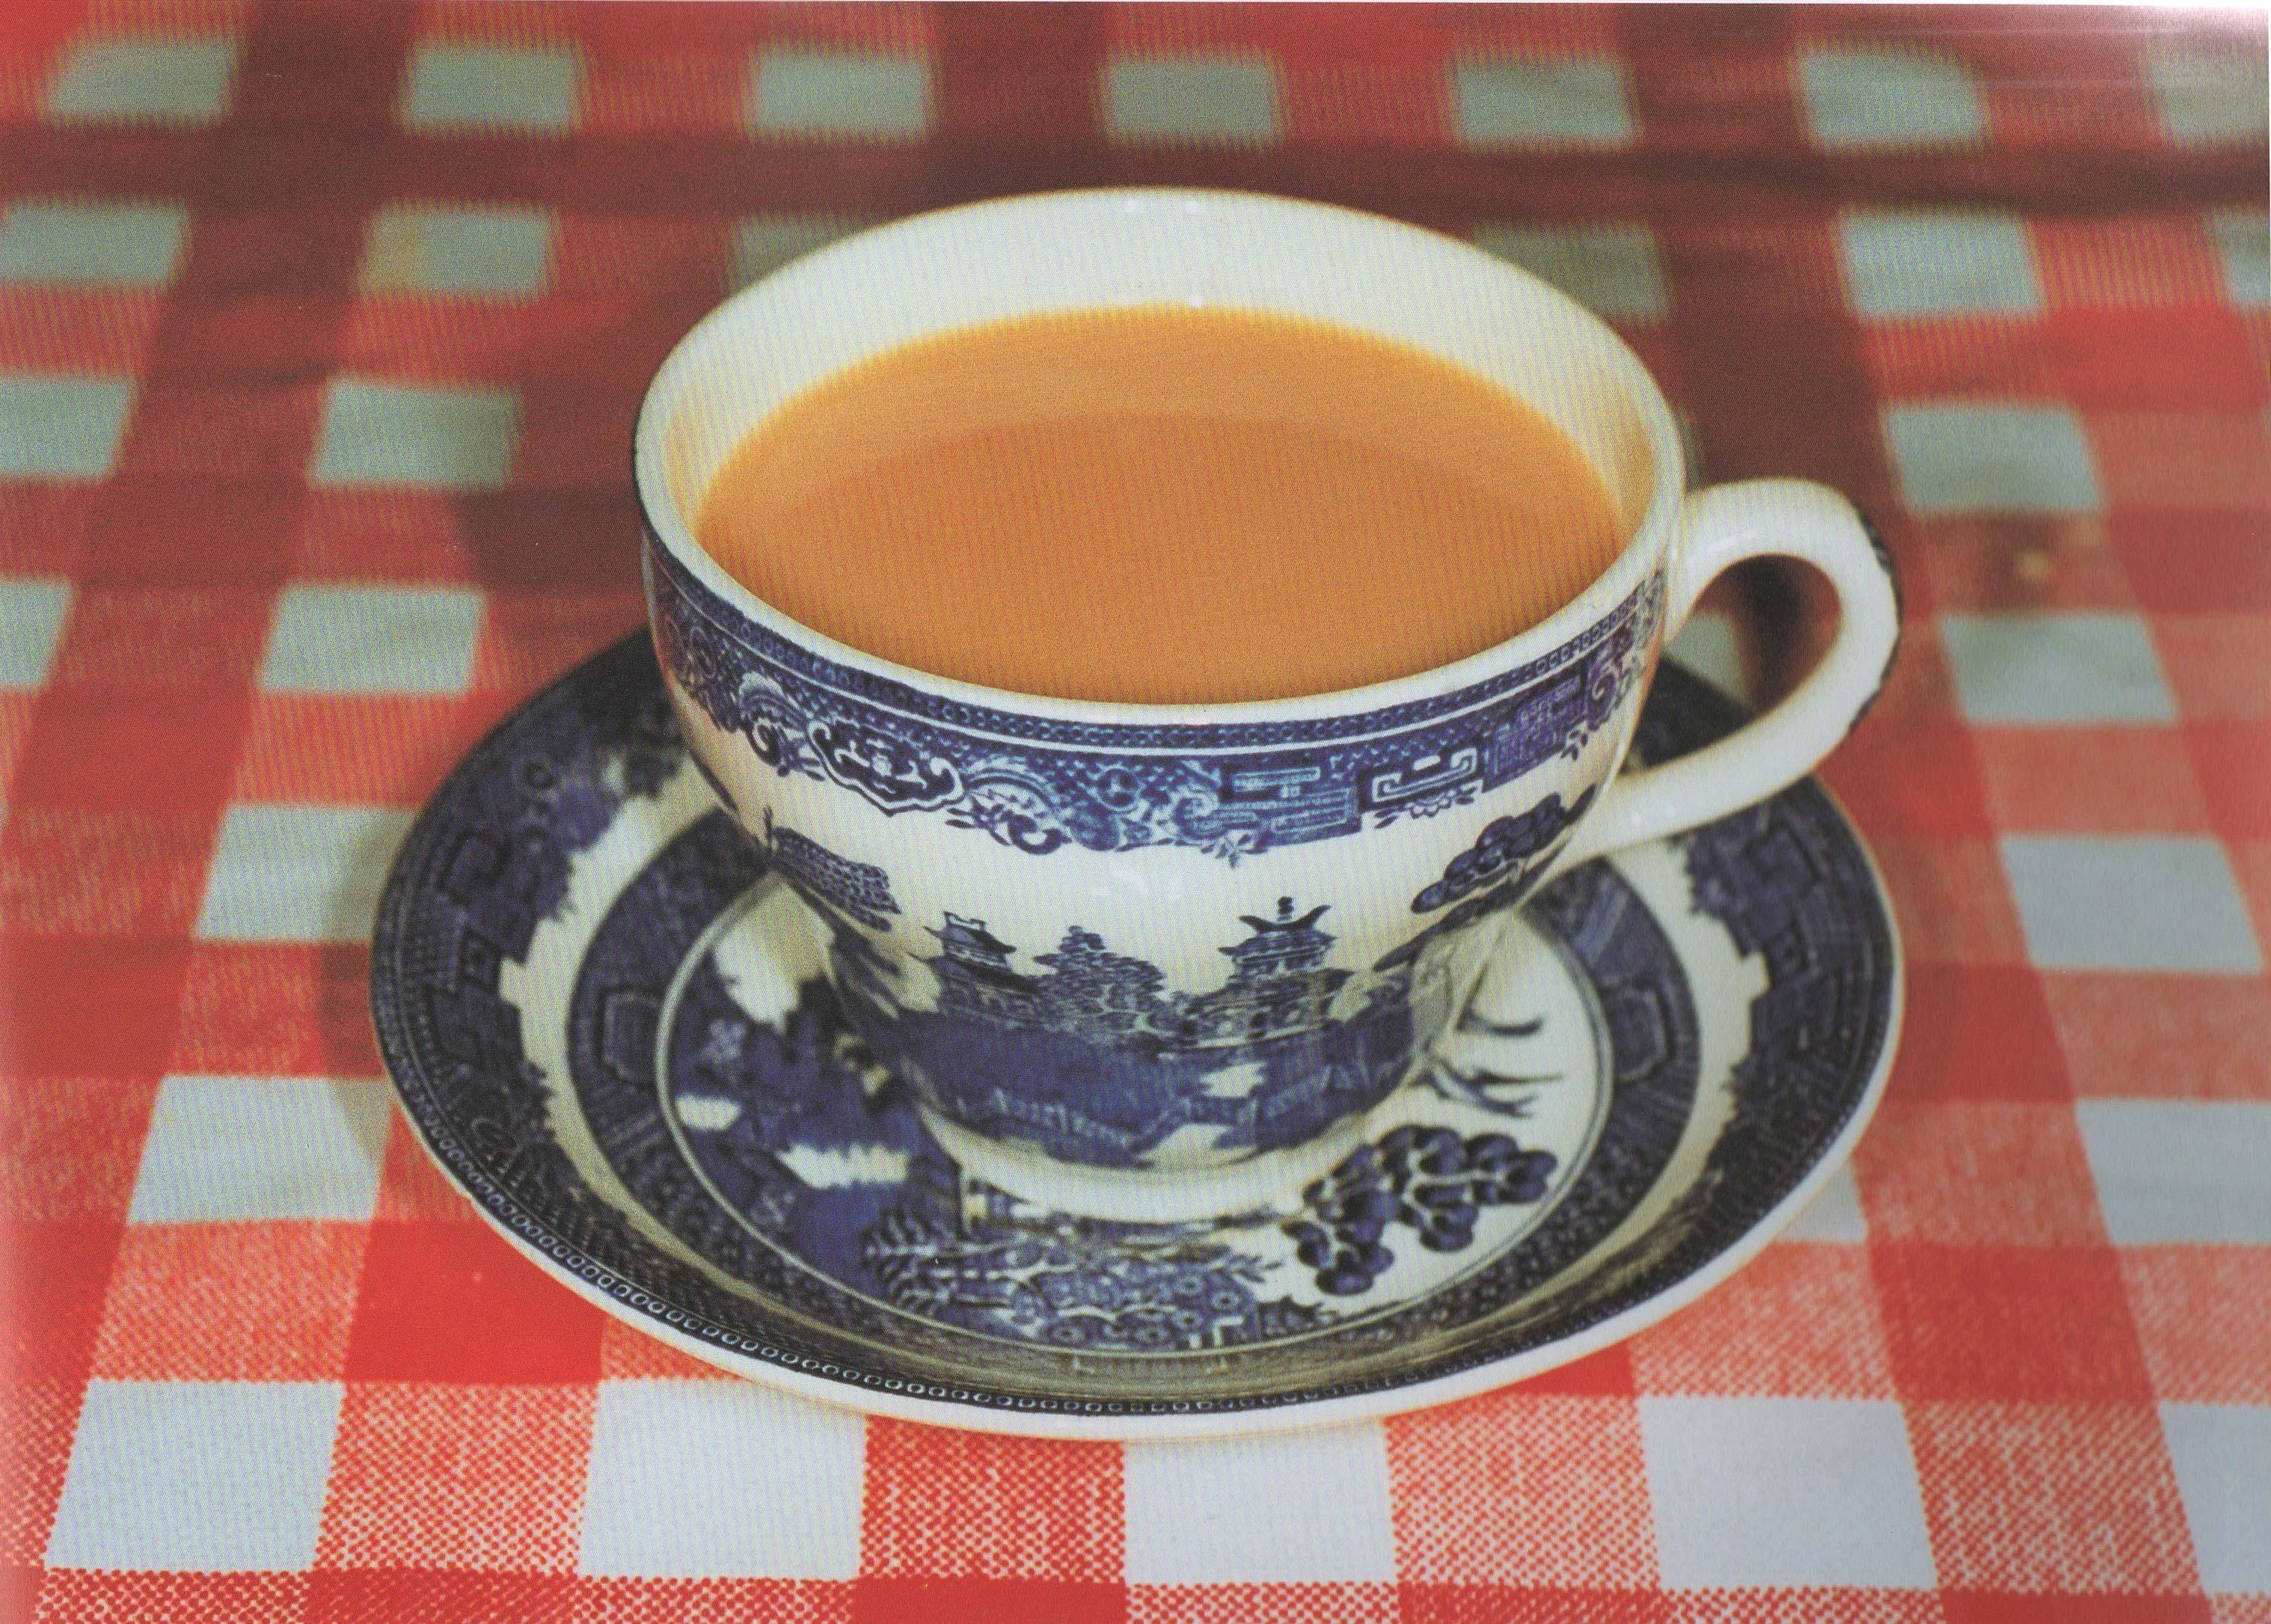 Cup of Tea Wallpaper Freetopwallpapercom 3036x2171